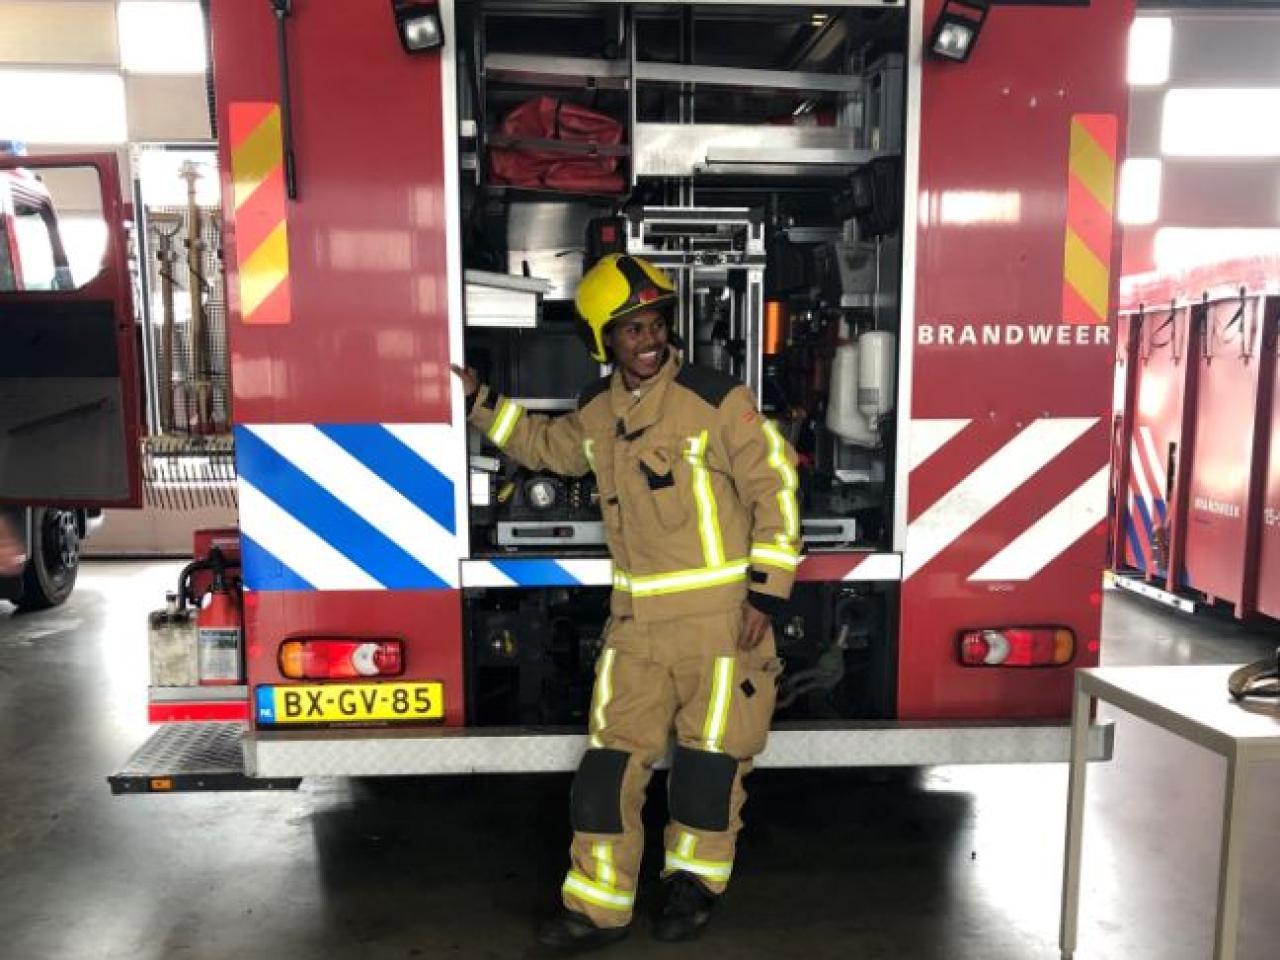 Inburgeraar gekleed als brandweerman poseert voor brandweerwagen